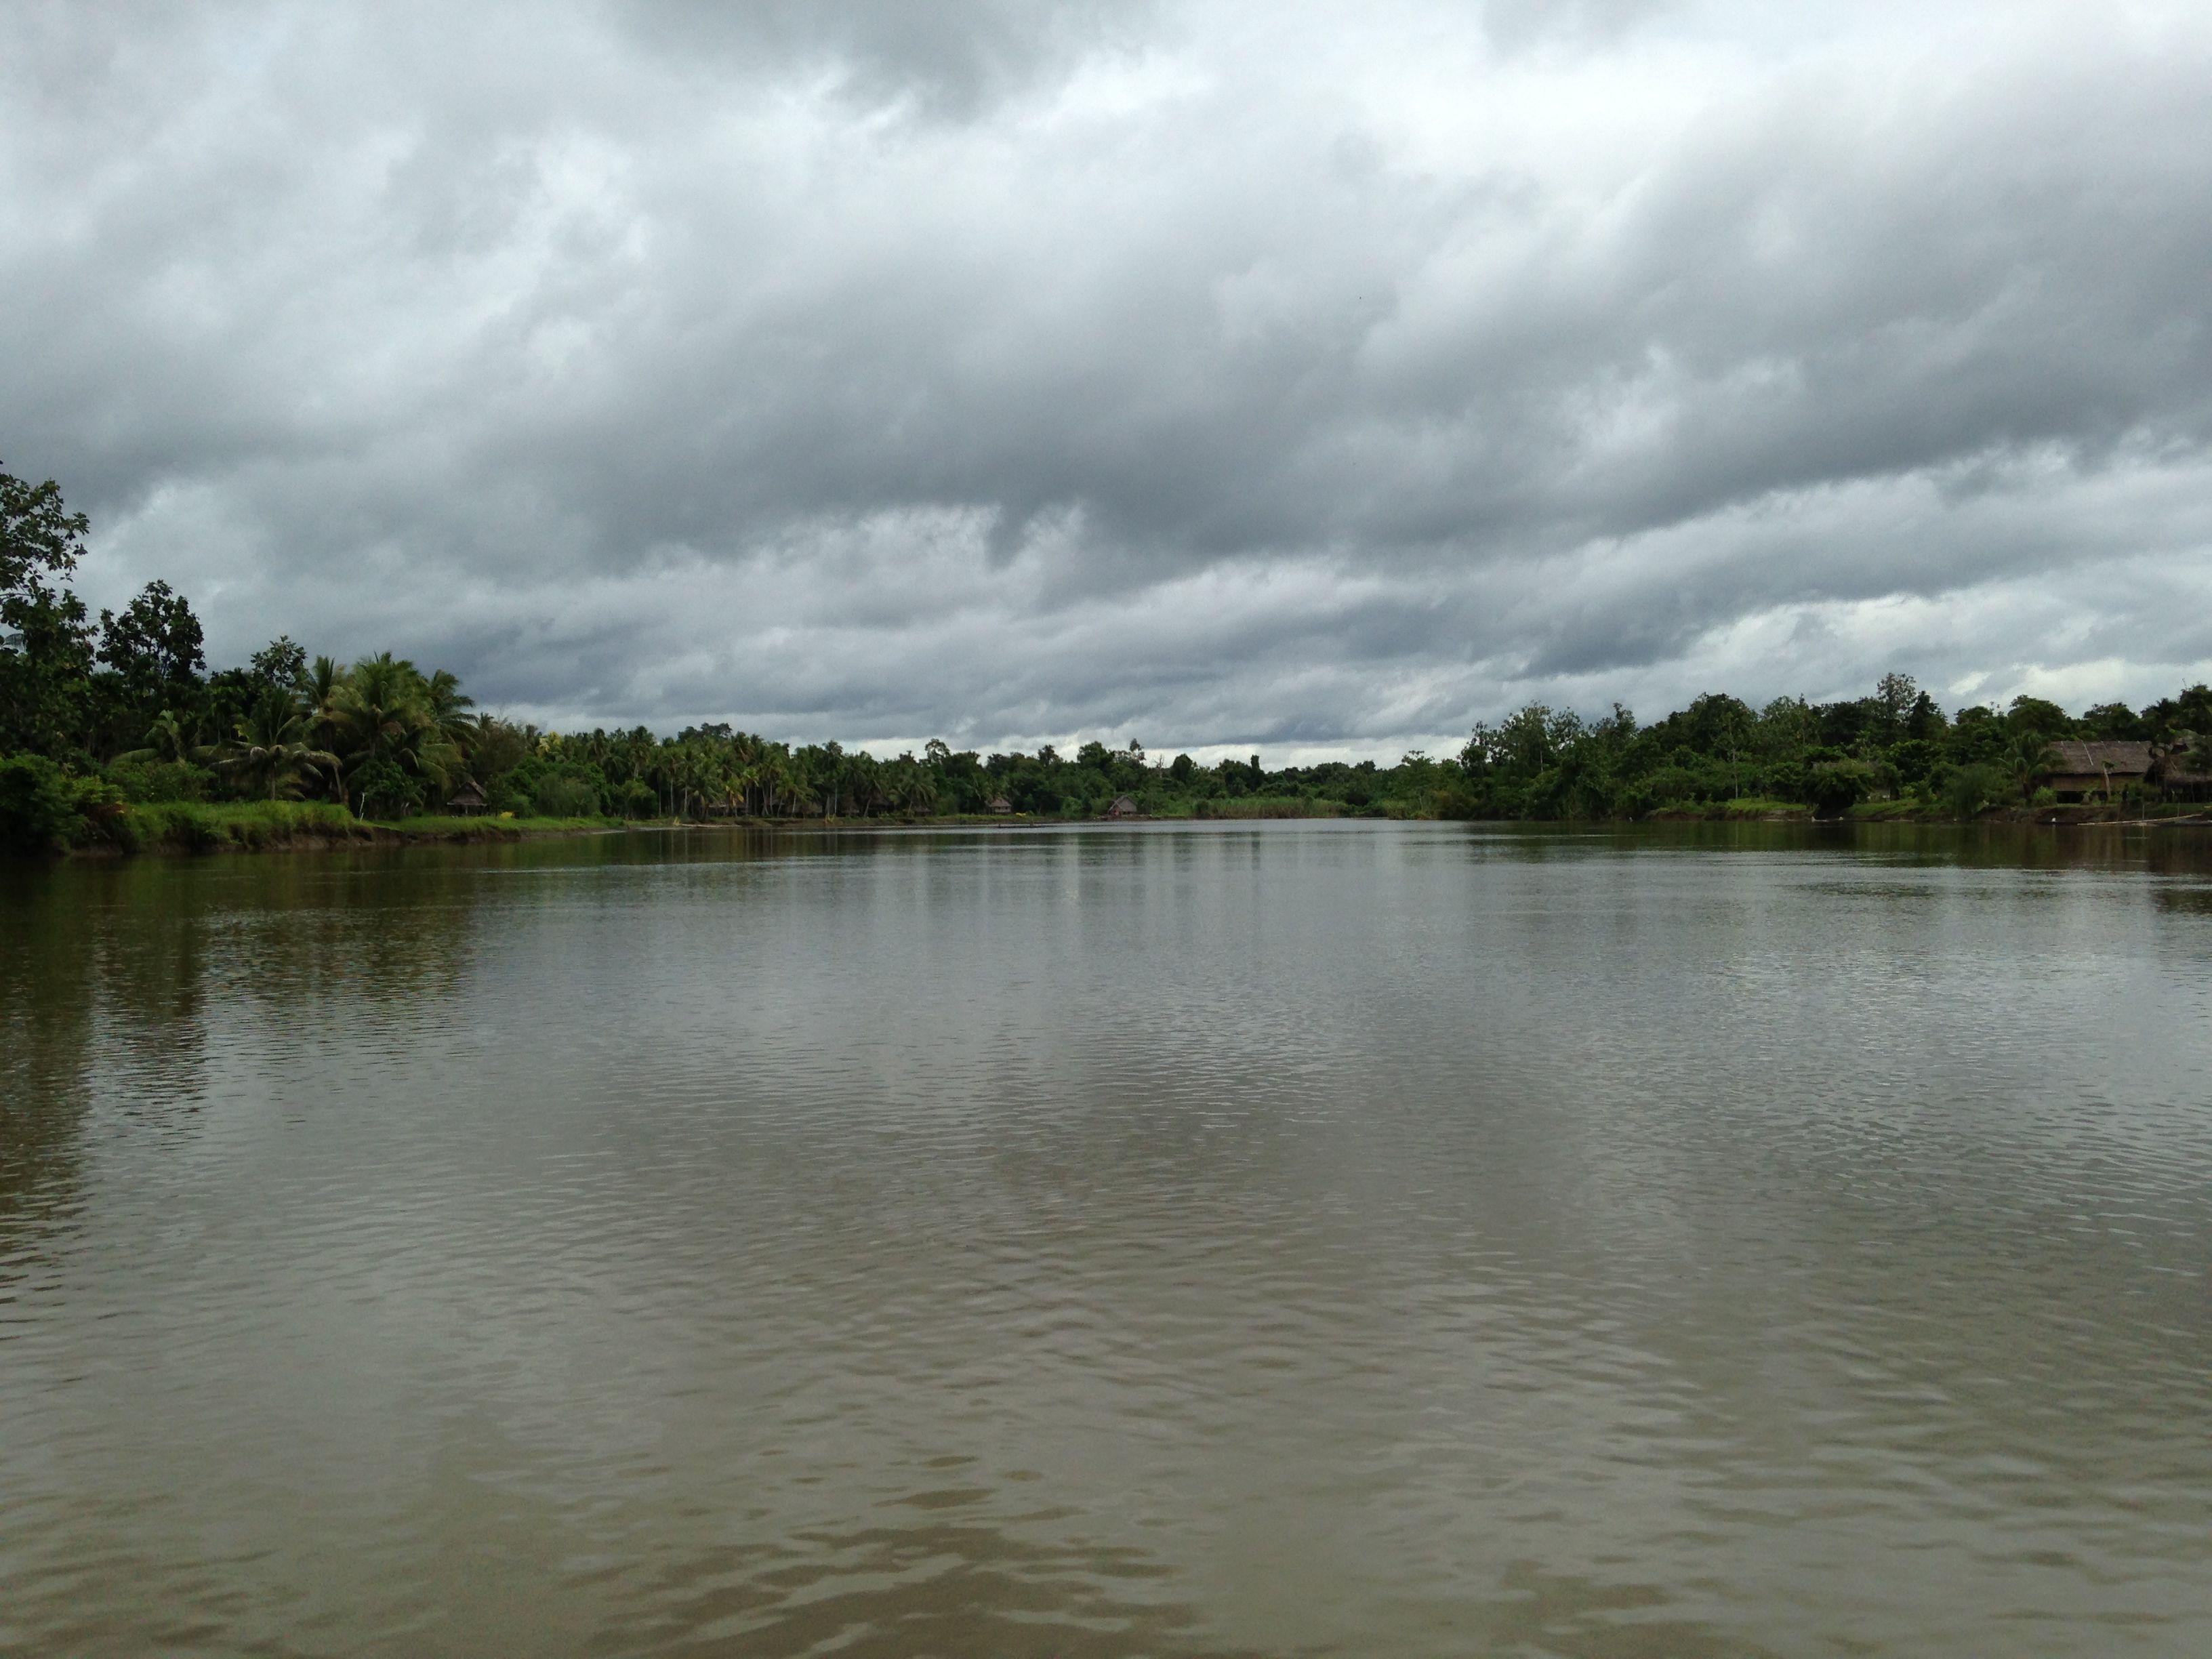 PNG: Sepik River Basin | The World Less Traveled, 2013 Jet Trip